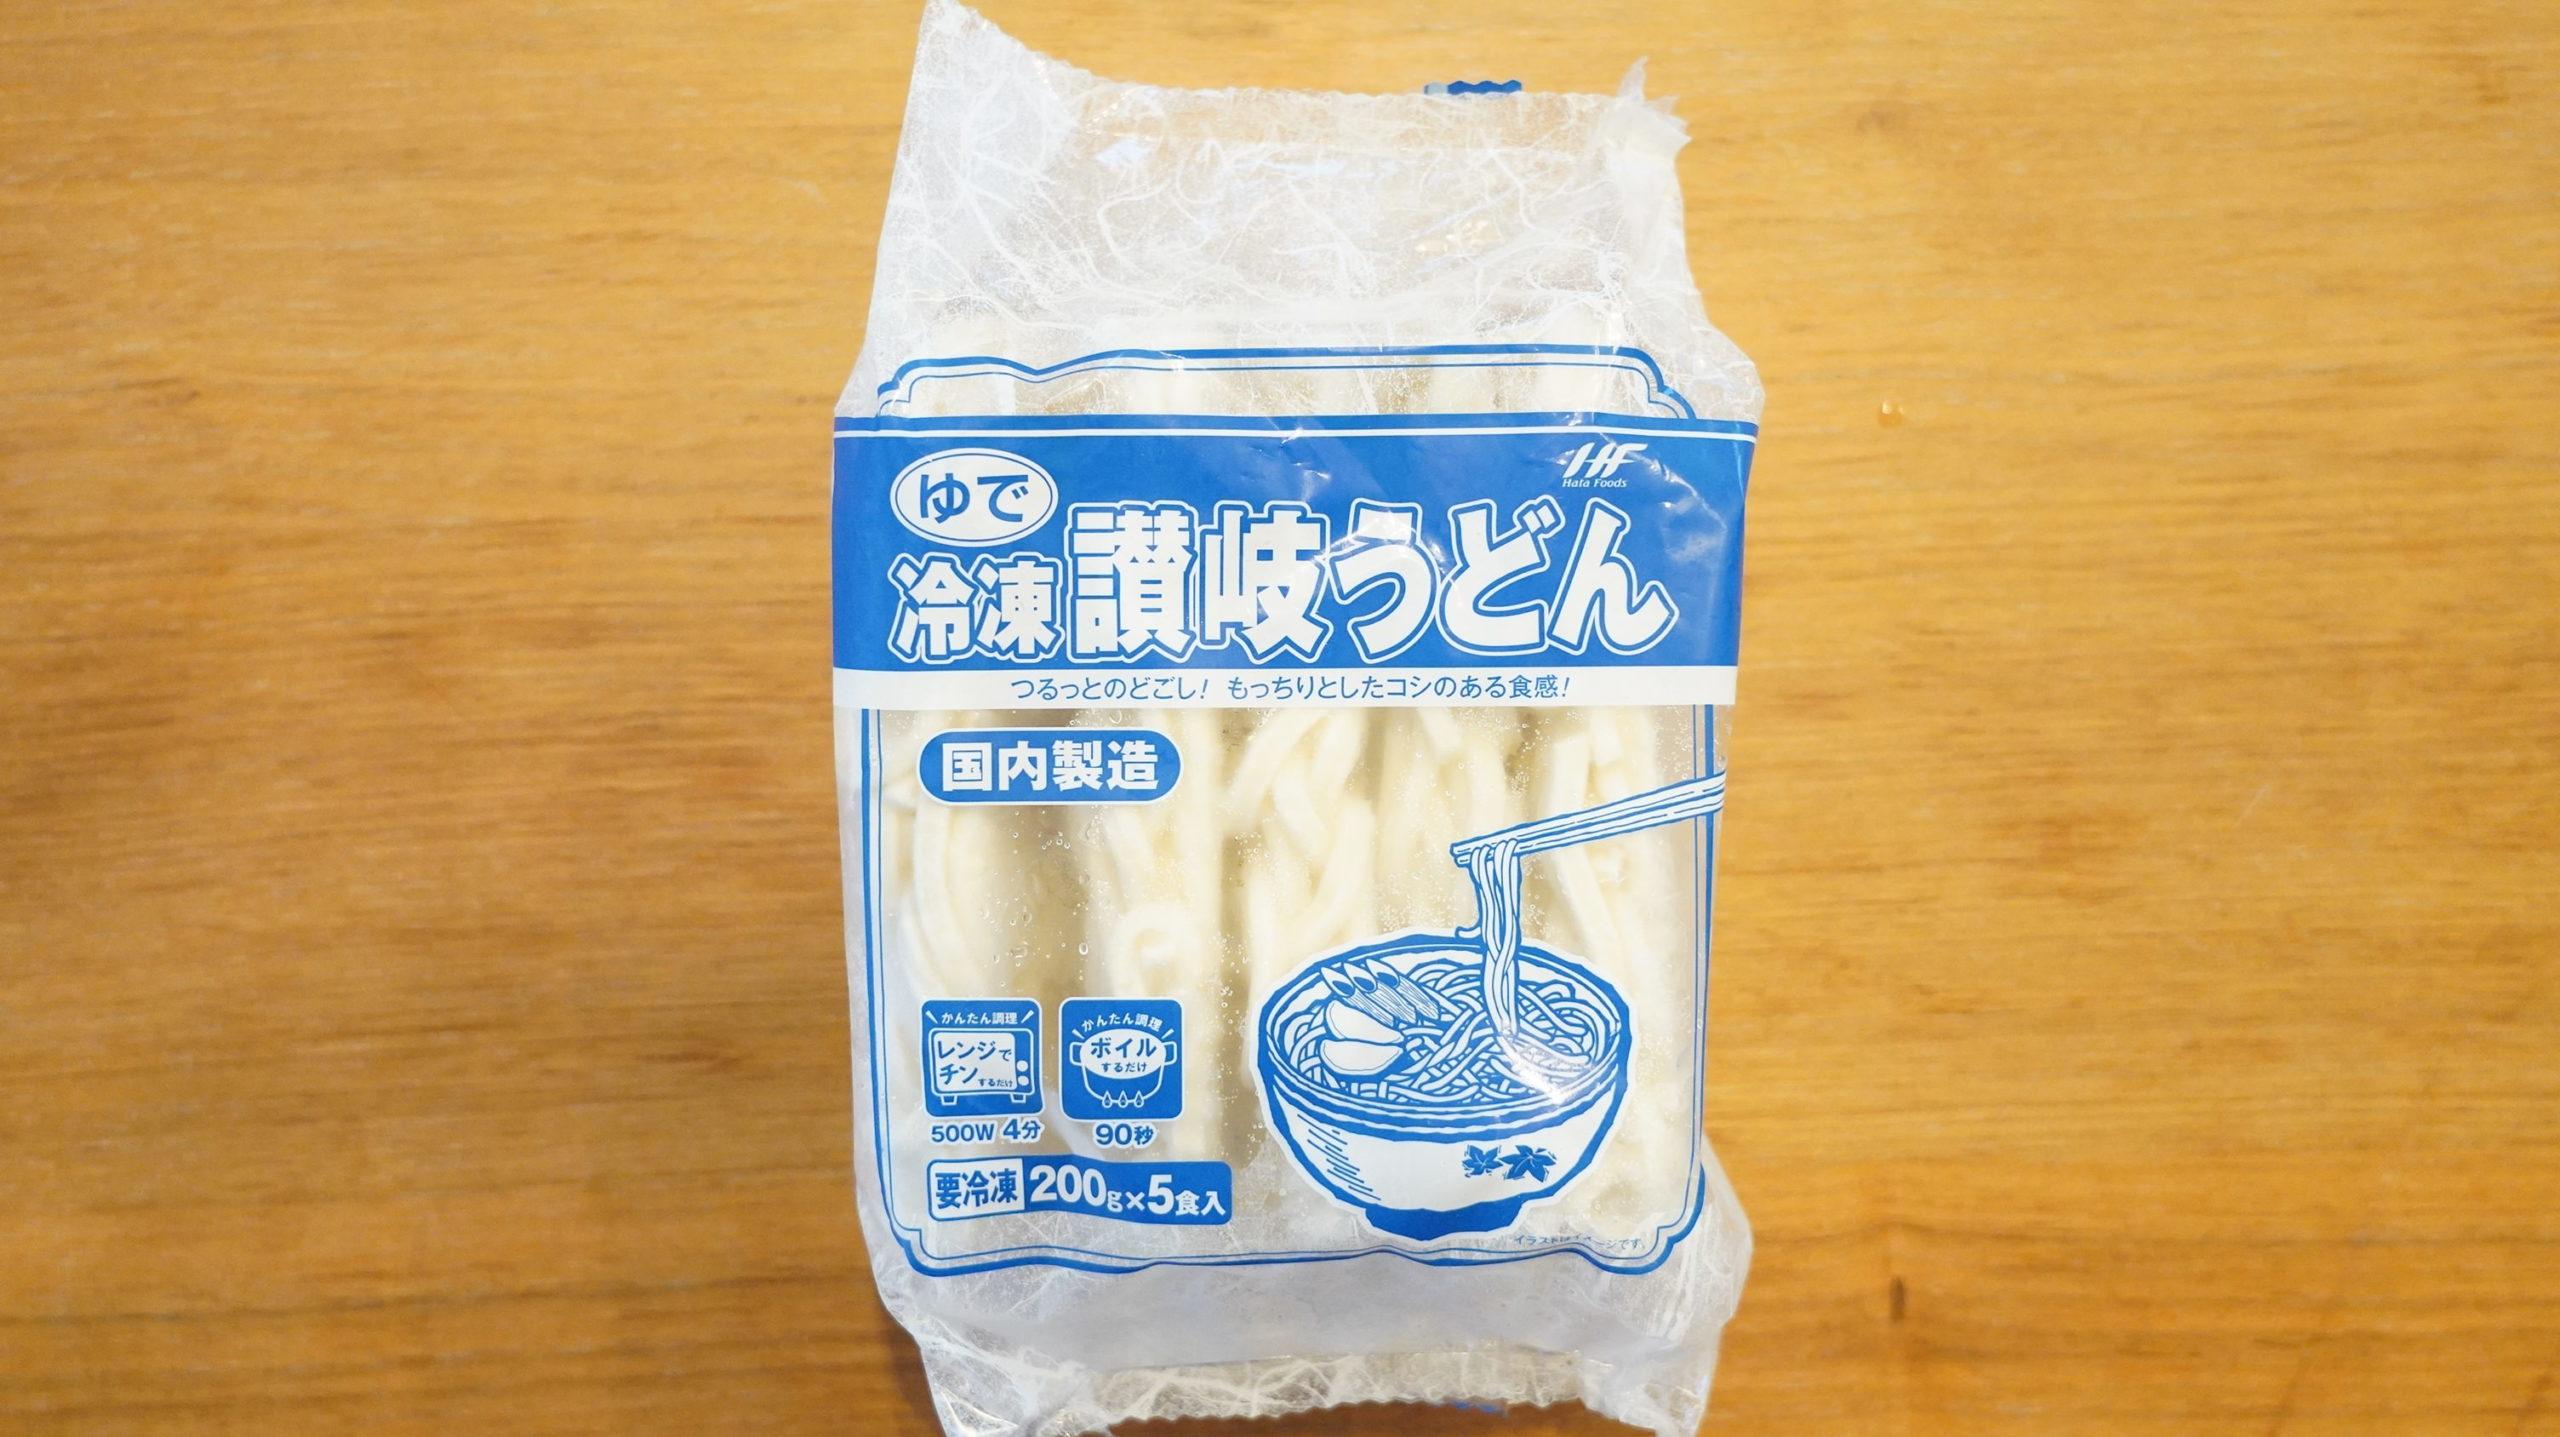 業務スーパーのおすすめ冷凍食品「ゆで冷凍・讃岐うどん」のパッケージの写真